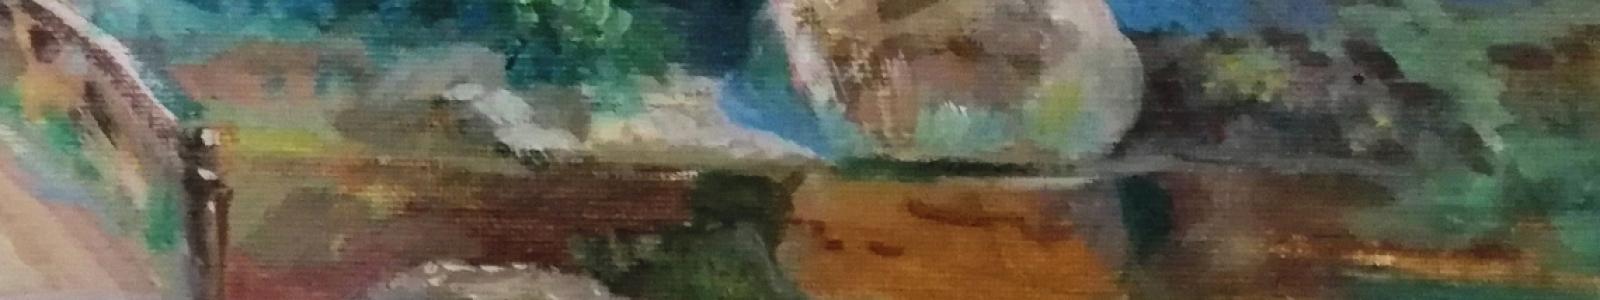 Gallery Painter Andrej Denisenko